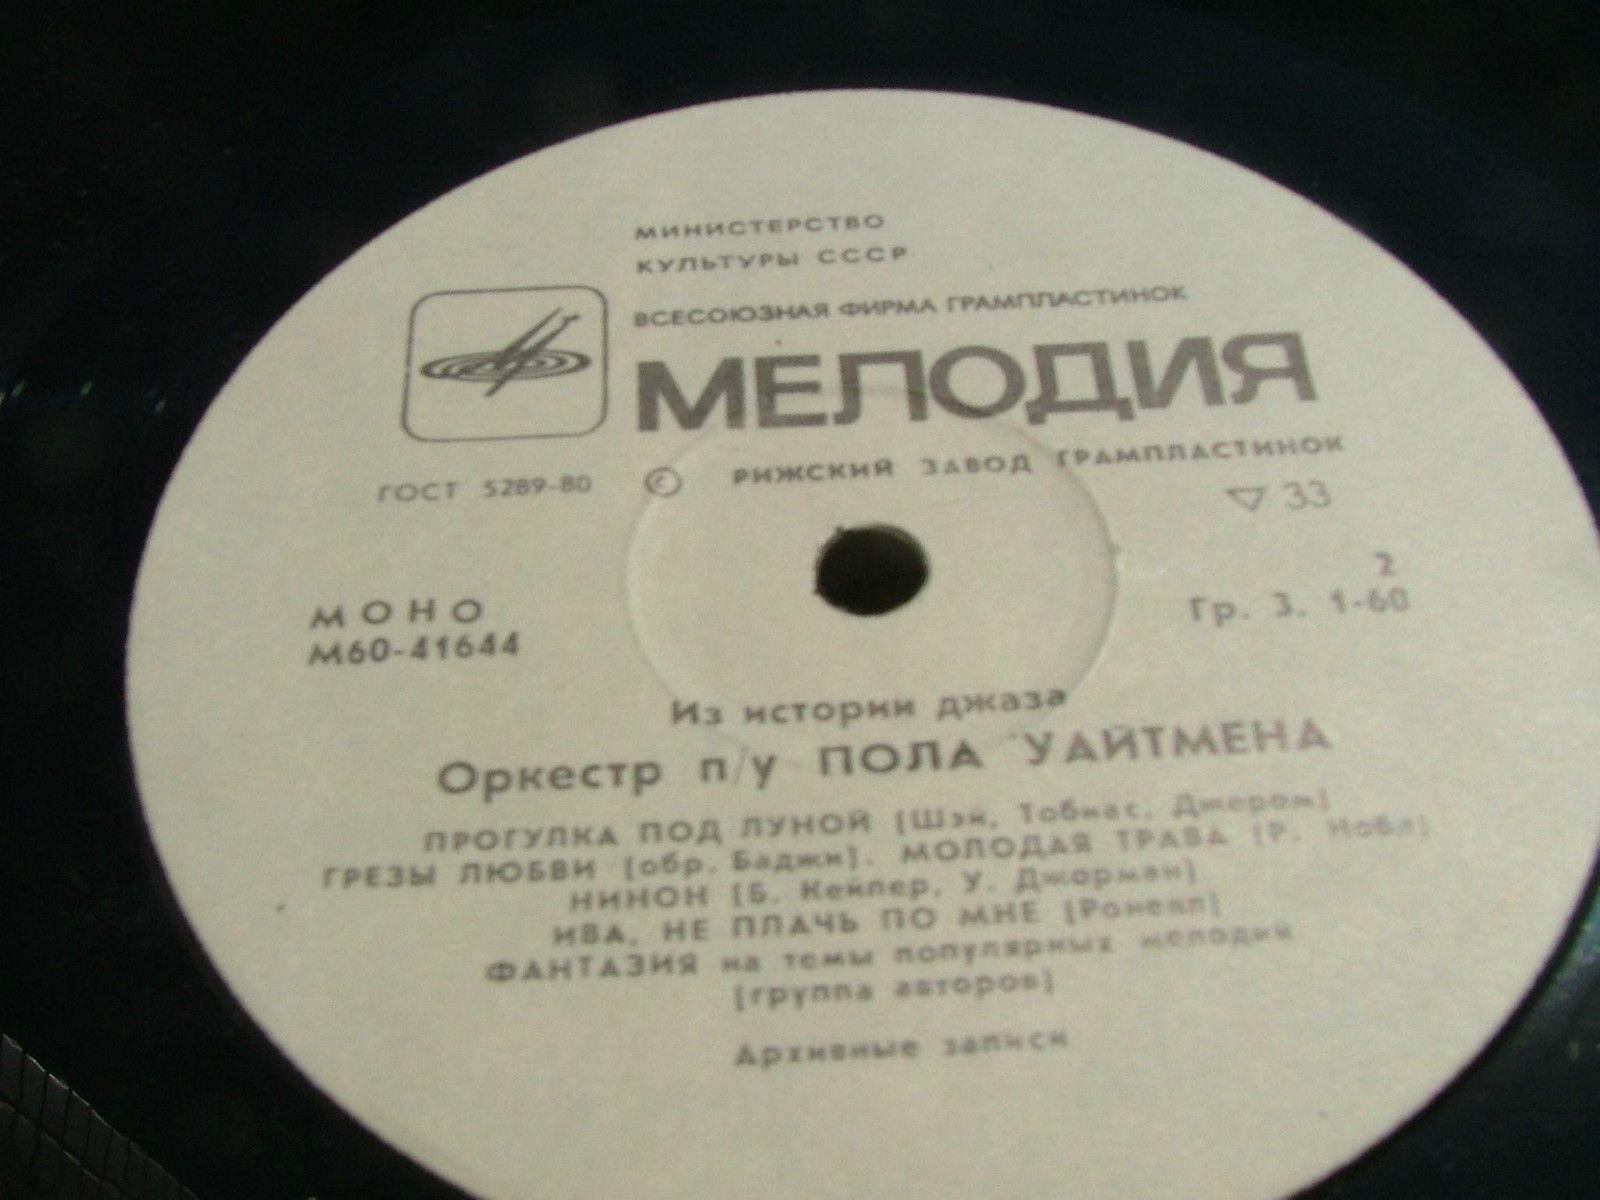 Whiteman Paul & His Orchestra -- From history jazz - Melodiya Rare Record